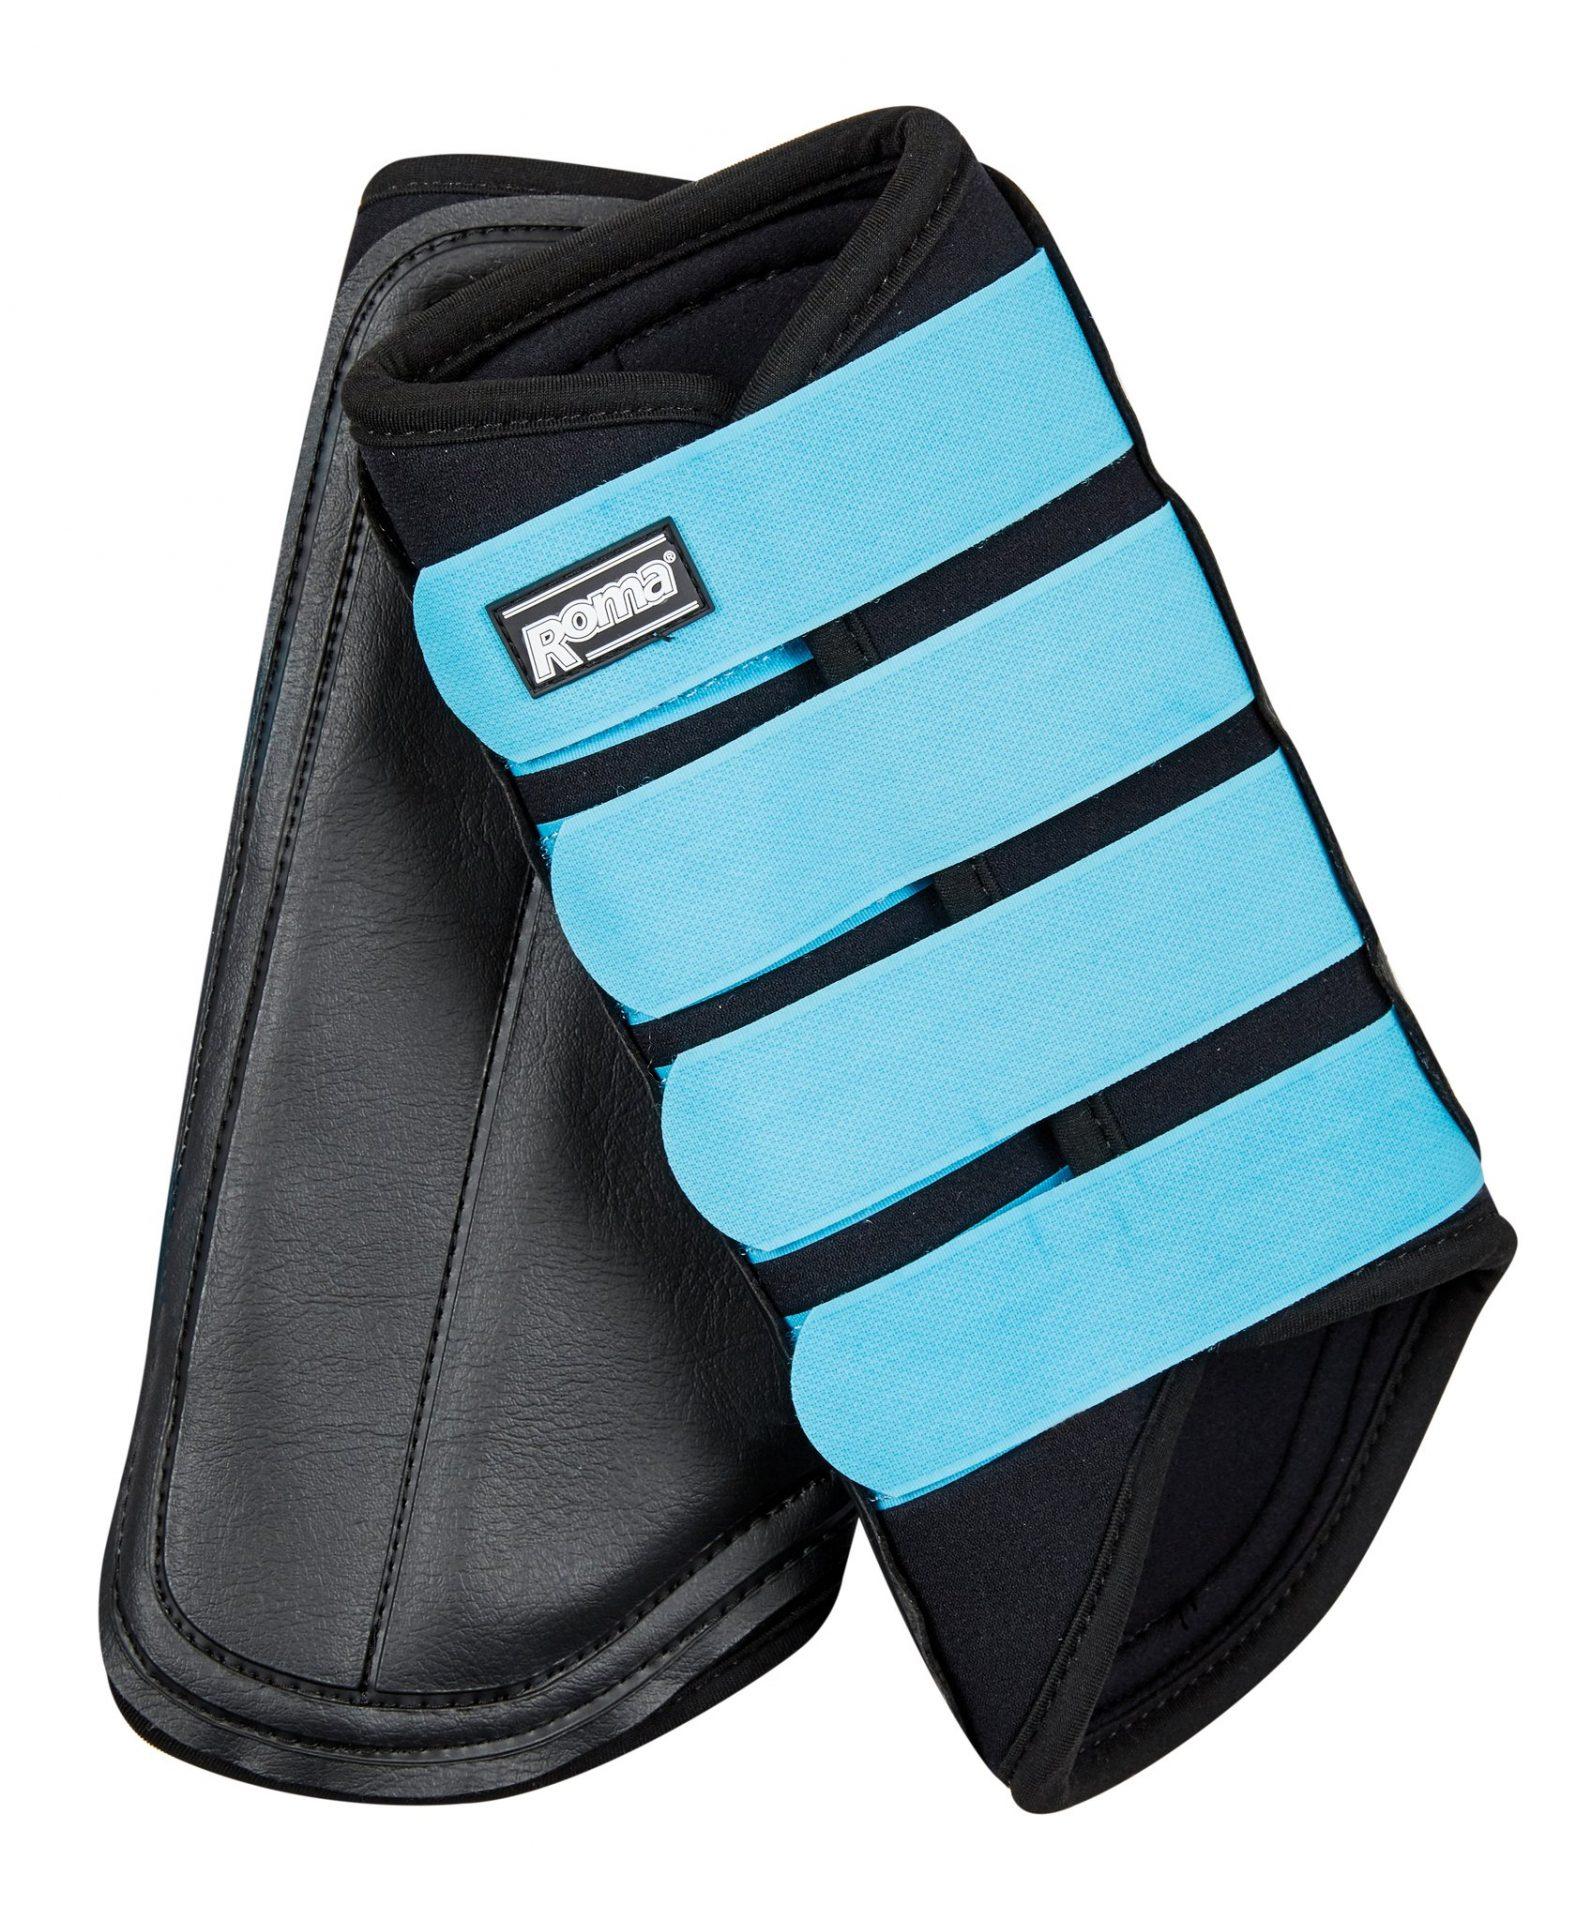 Neoprene Brushing Boots Black Blue